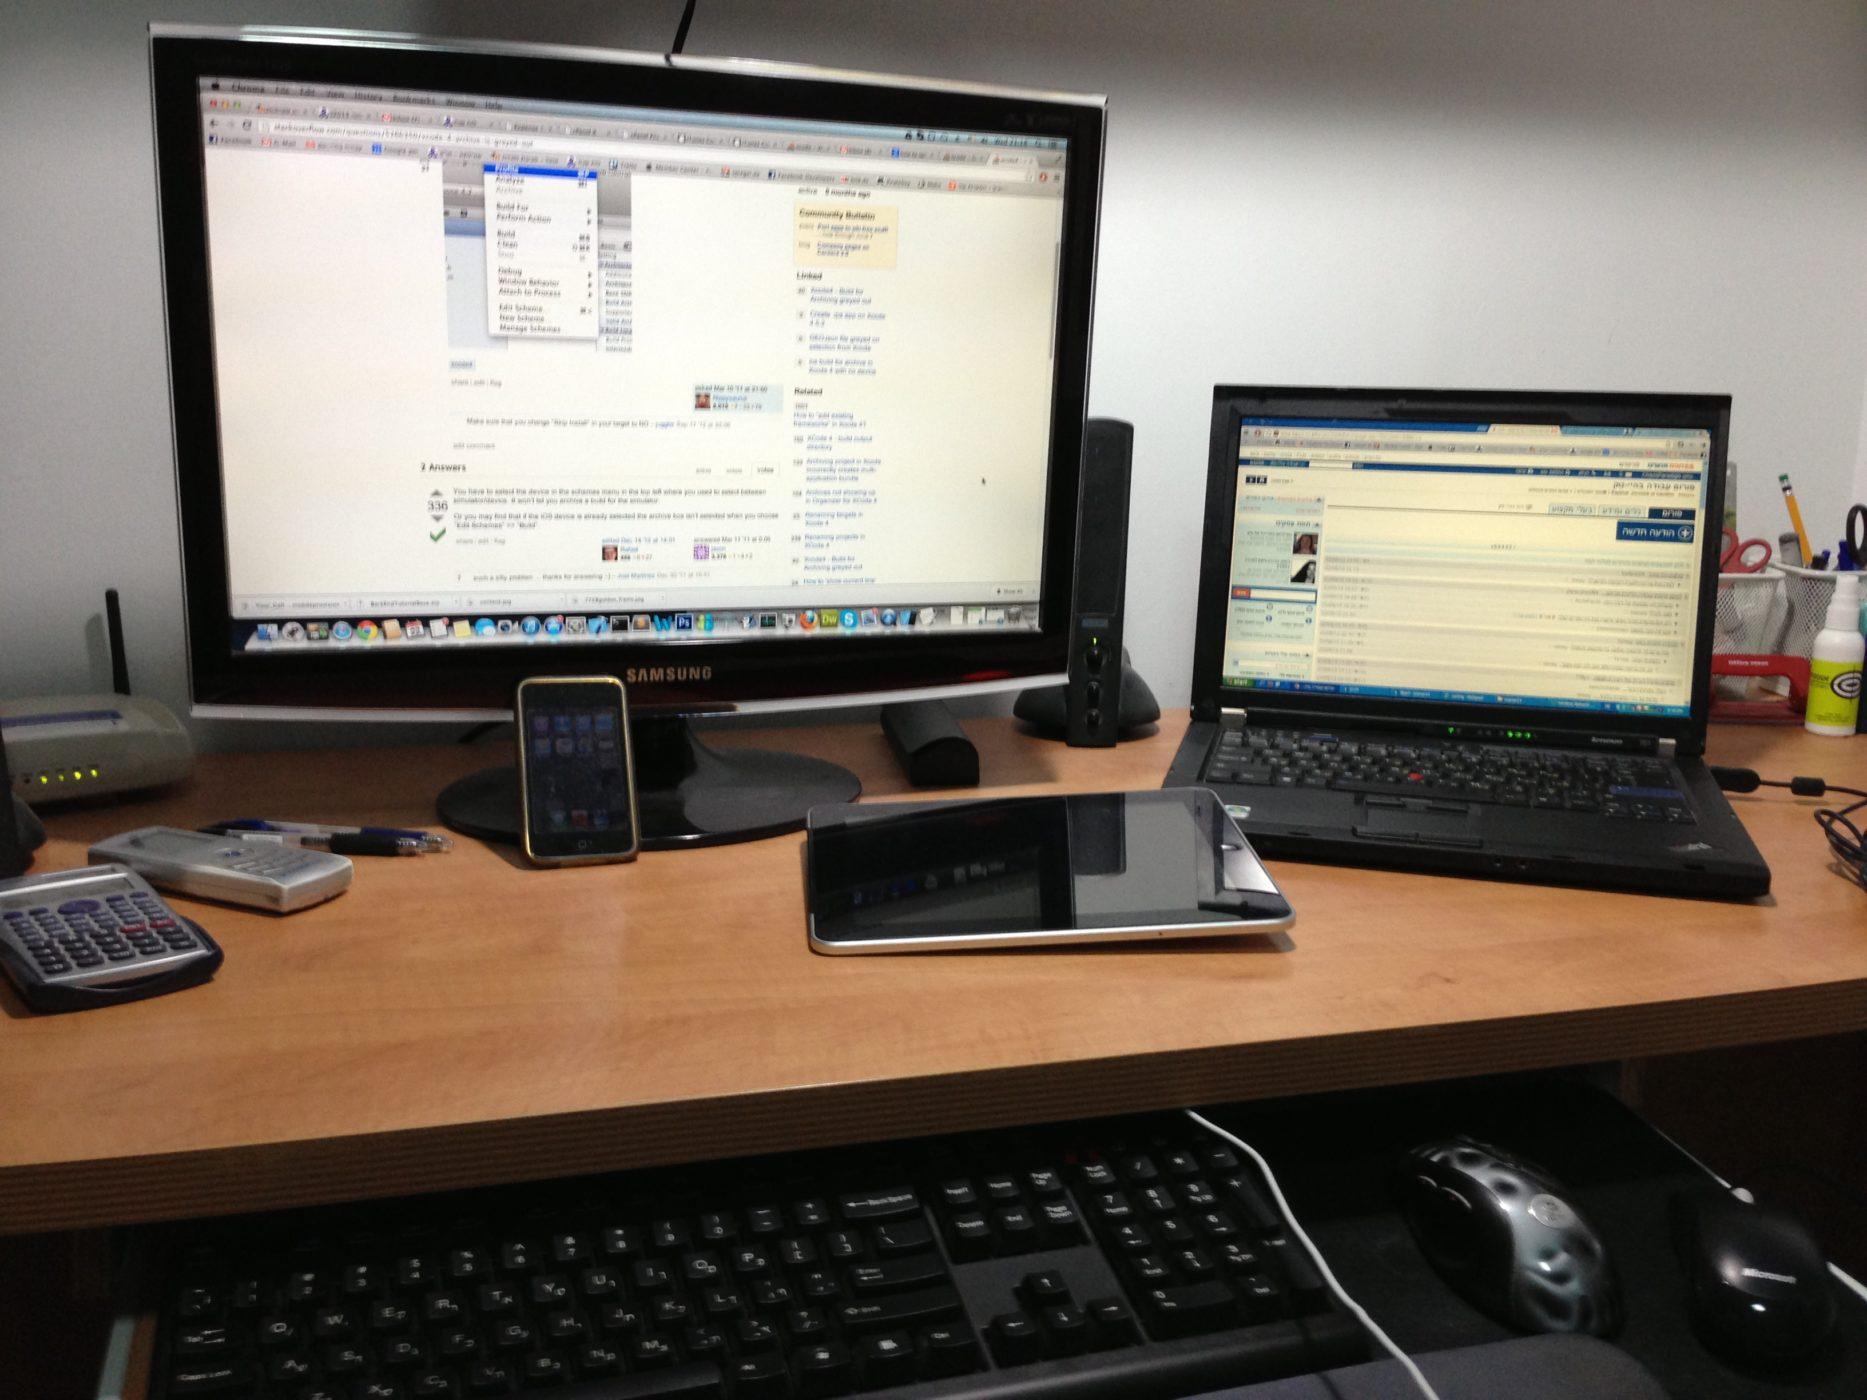 שם השולח: ליאור זיסמן. התמונה מייצגת את החיים בעולם הדיגיטלי עבורי - המון אביזרים טכנולוגיים, אפילו יותר מידי - מצד אחד, ומצד שני - אין ביניהם אפילו מכשיר אחד שהייתי מוותר עליו. התלות בטכנולוגיה - מול הכוח שהיא מעניקה. אלה החיים בעולם הדיגיטלי.